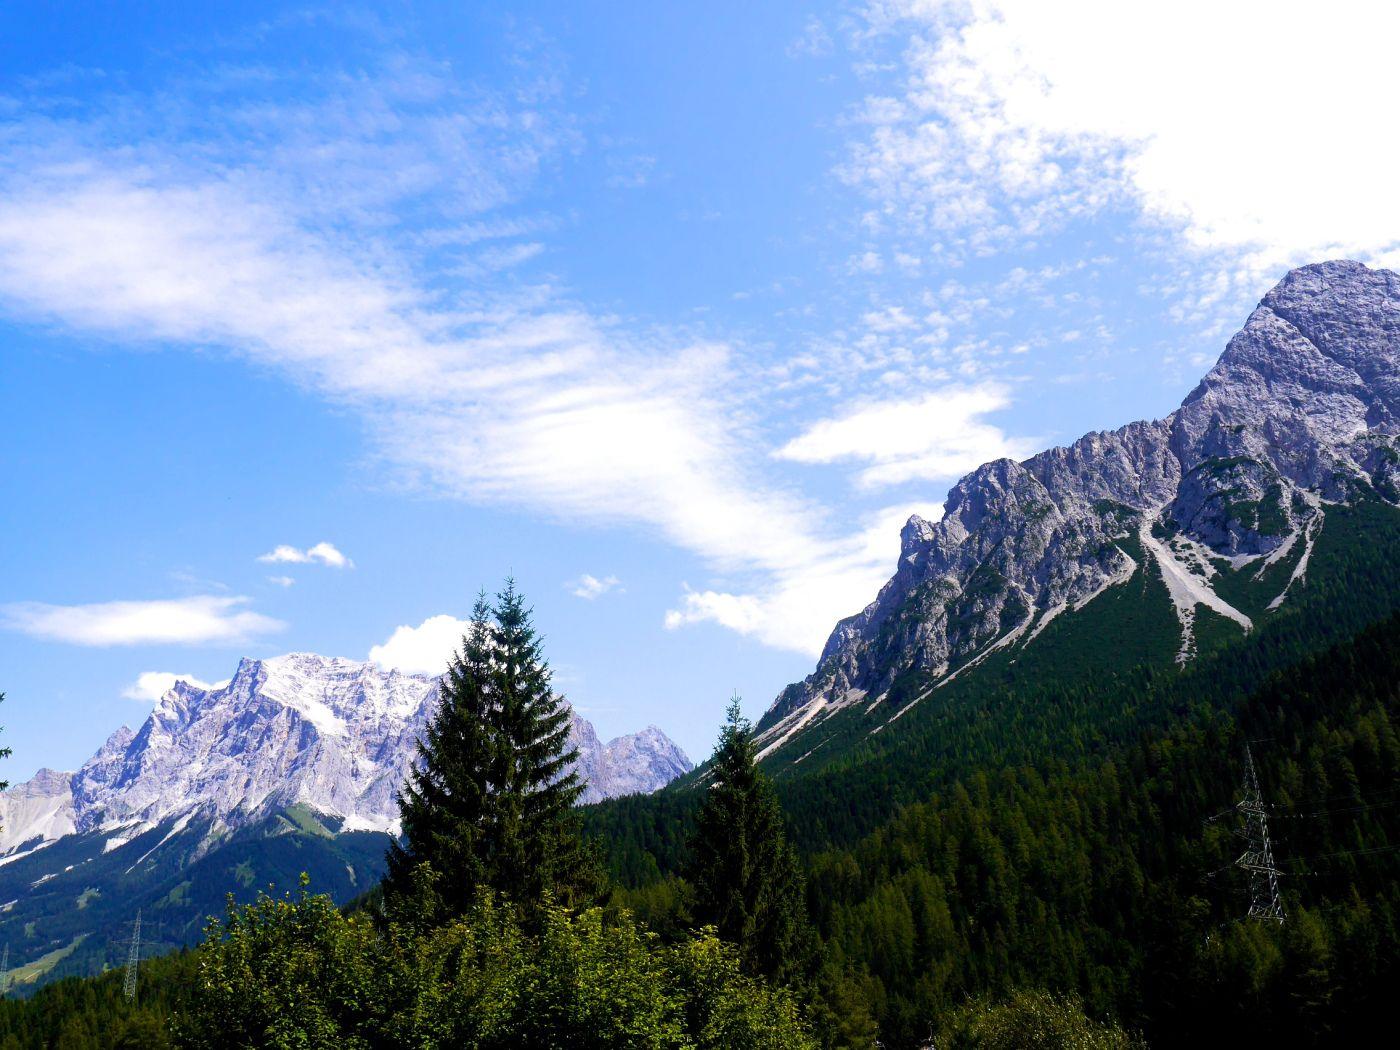 Testmonster McTirol Österreich, Urlaub, Familienurlaub, Leermoos, Biberwier, Skiurlaub, günstig, Tchiboreisen #testmonster #testmonsterblog